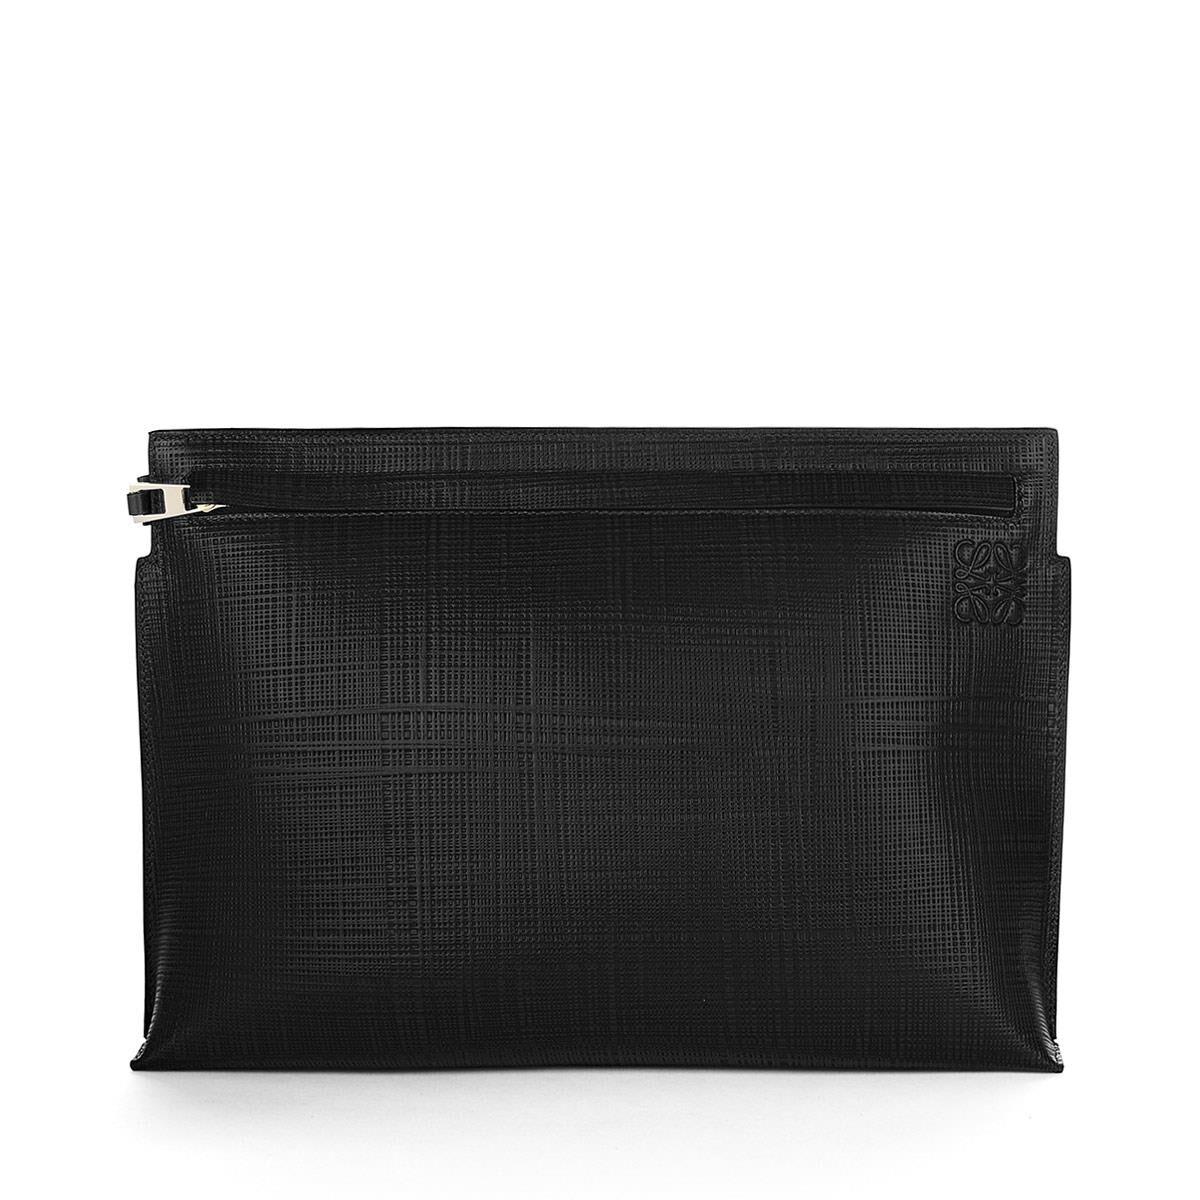 LOEWE T Pouch Linen Black front. T Pouch Linen